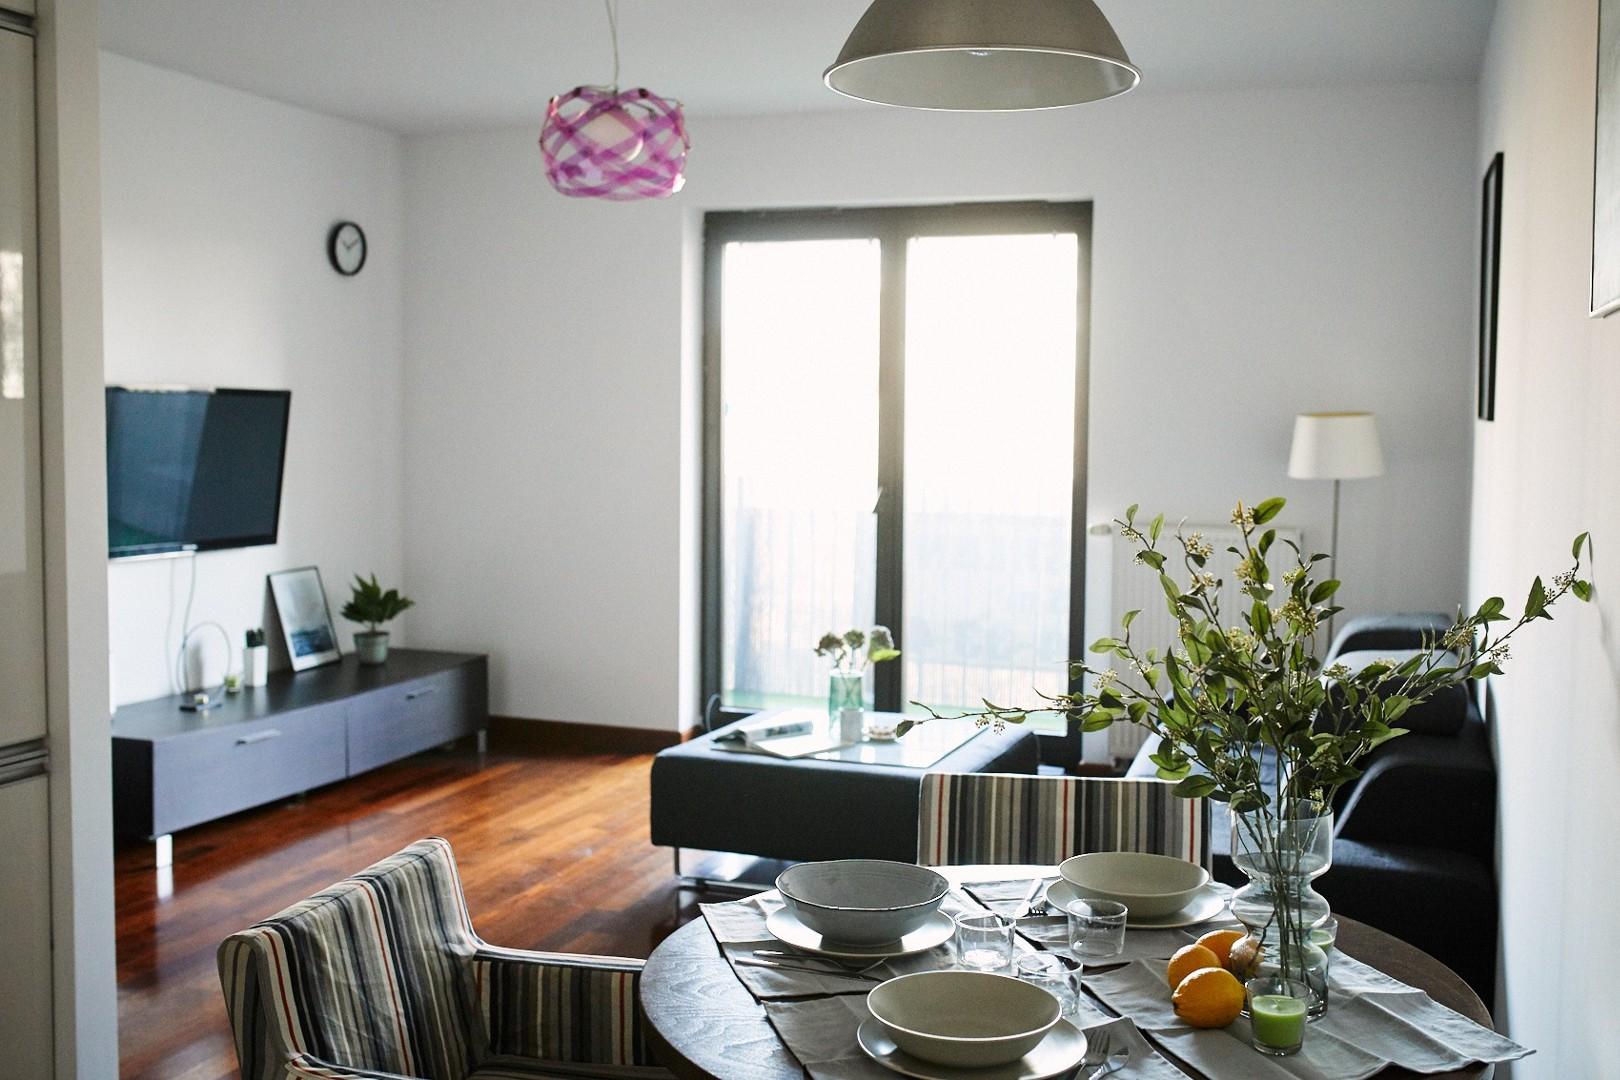 2-комнатная квартира 55 м2, Варшава